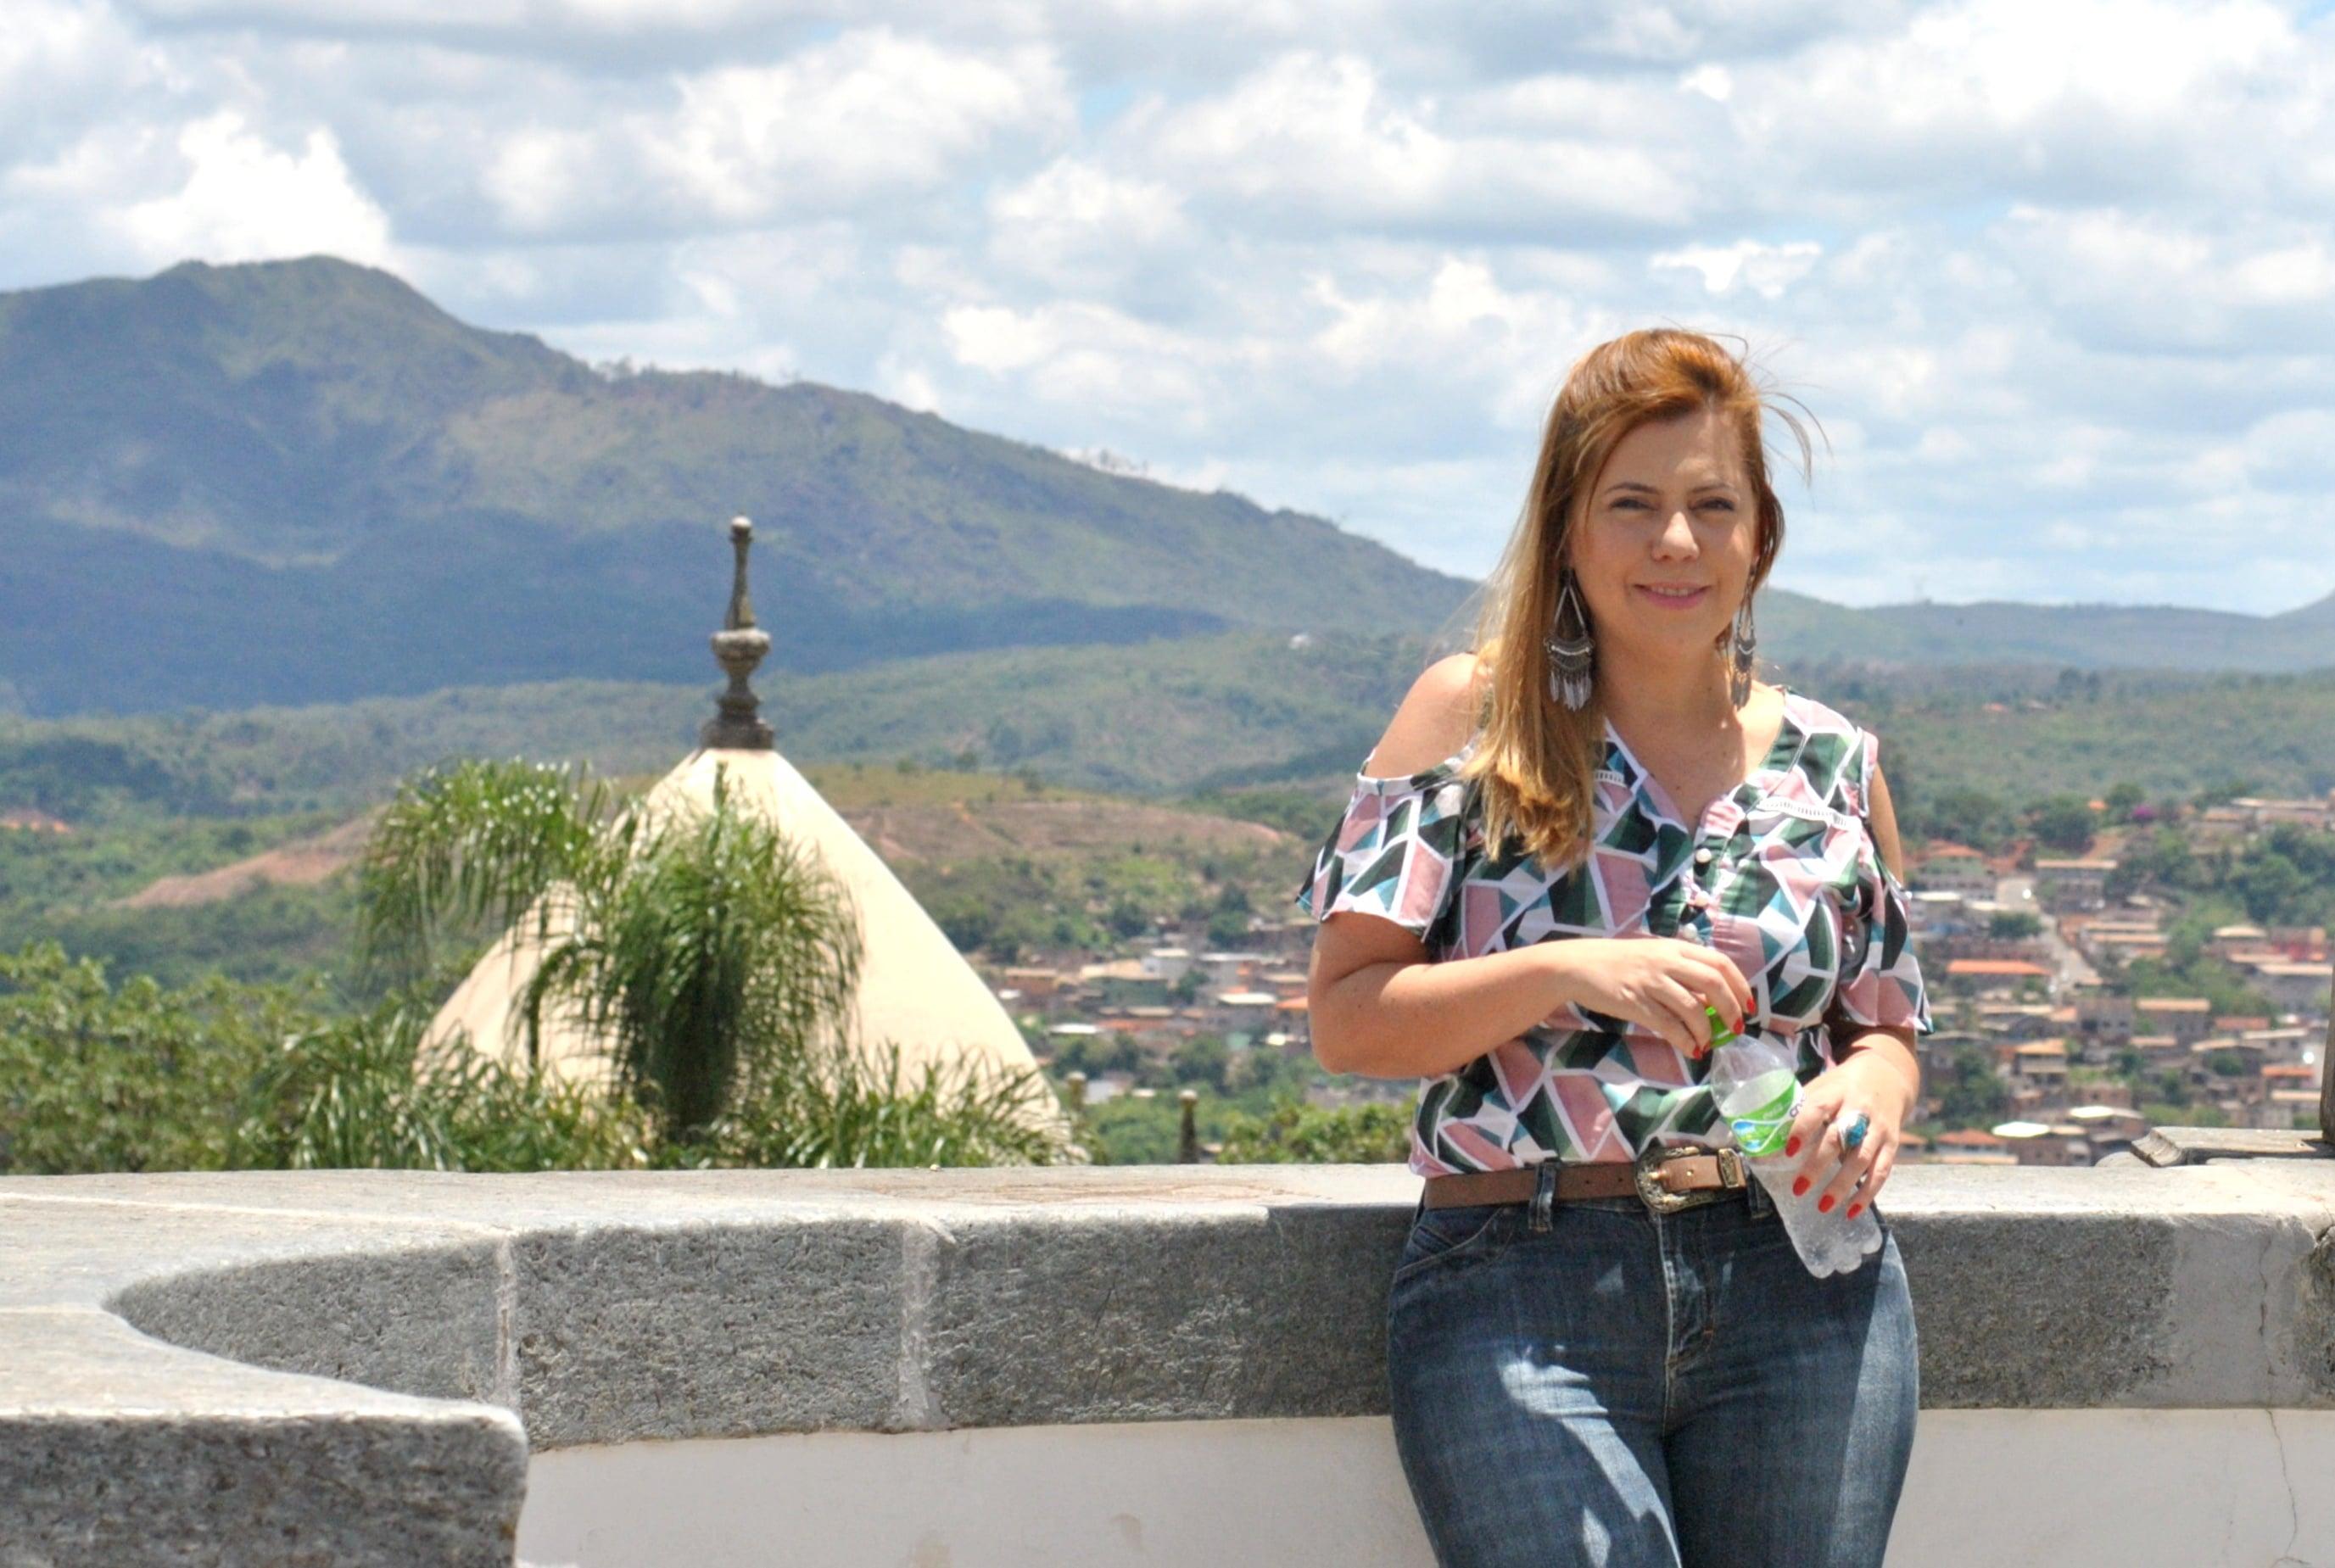 Viajar sozinha pelo Brasil - Cassia Santana